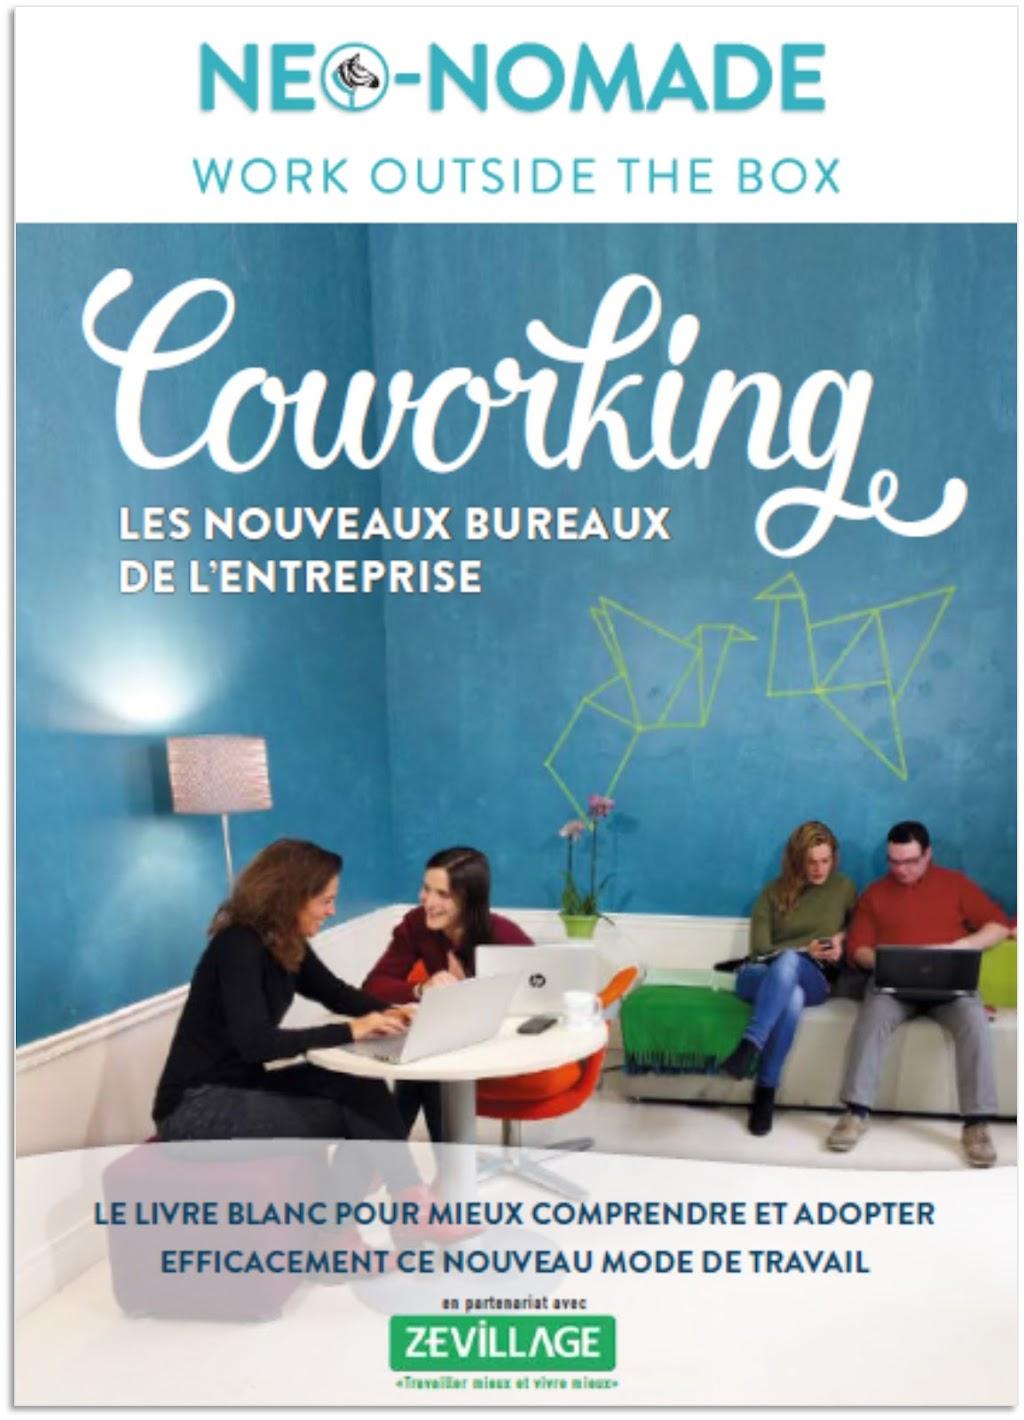 Coworking : les nouveaux bureaux